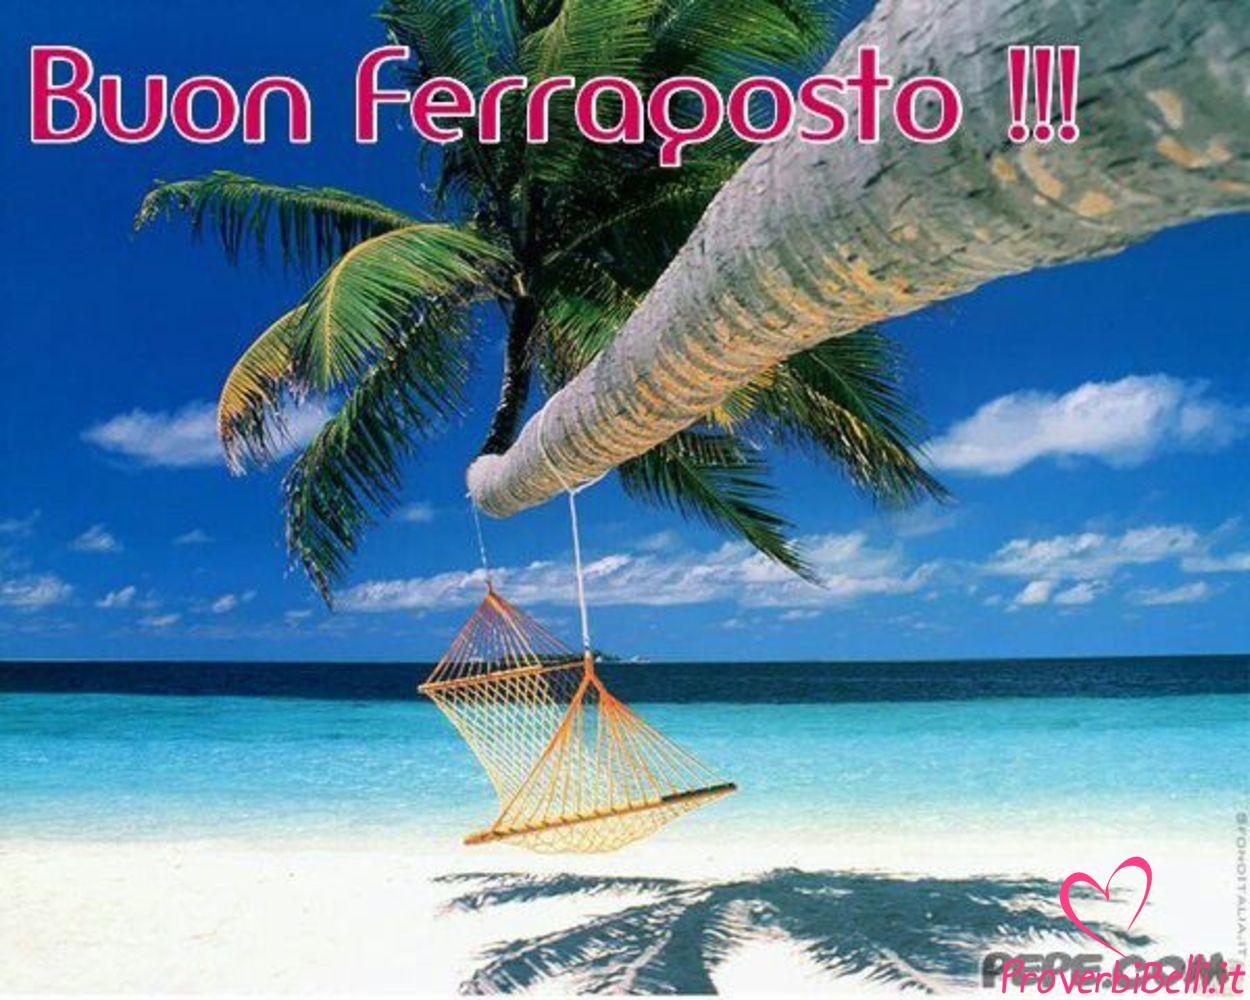 Buon-Ferragosto-Immagini-Belle-21